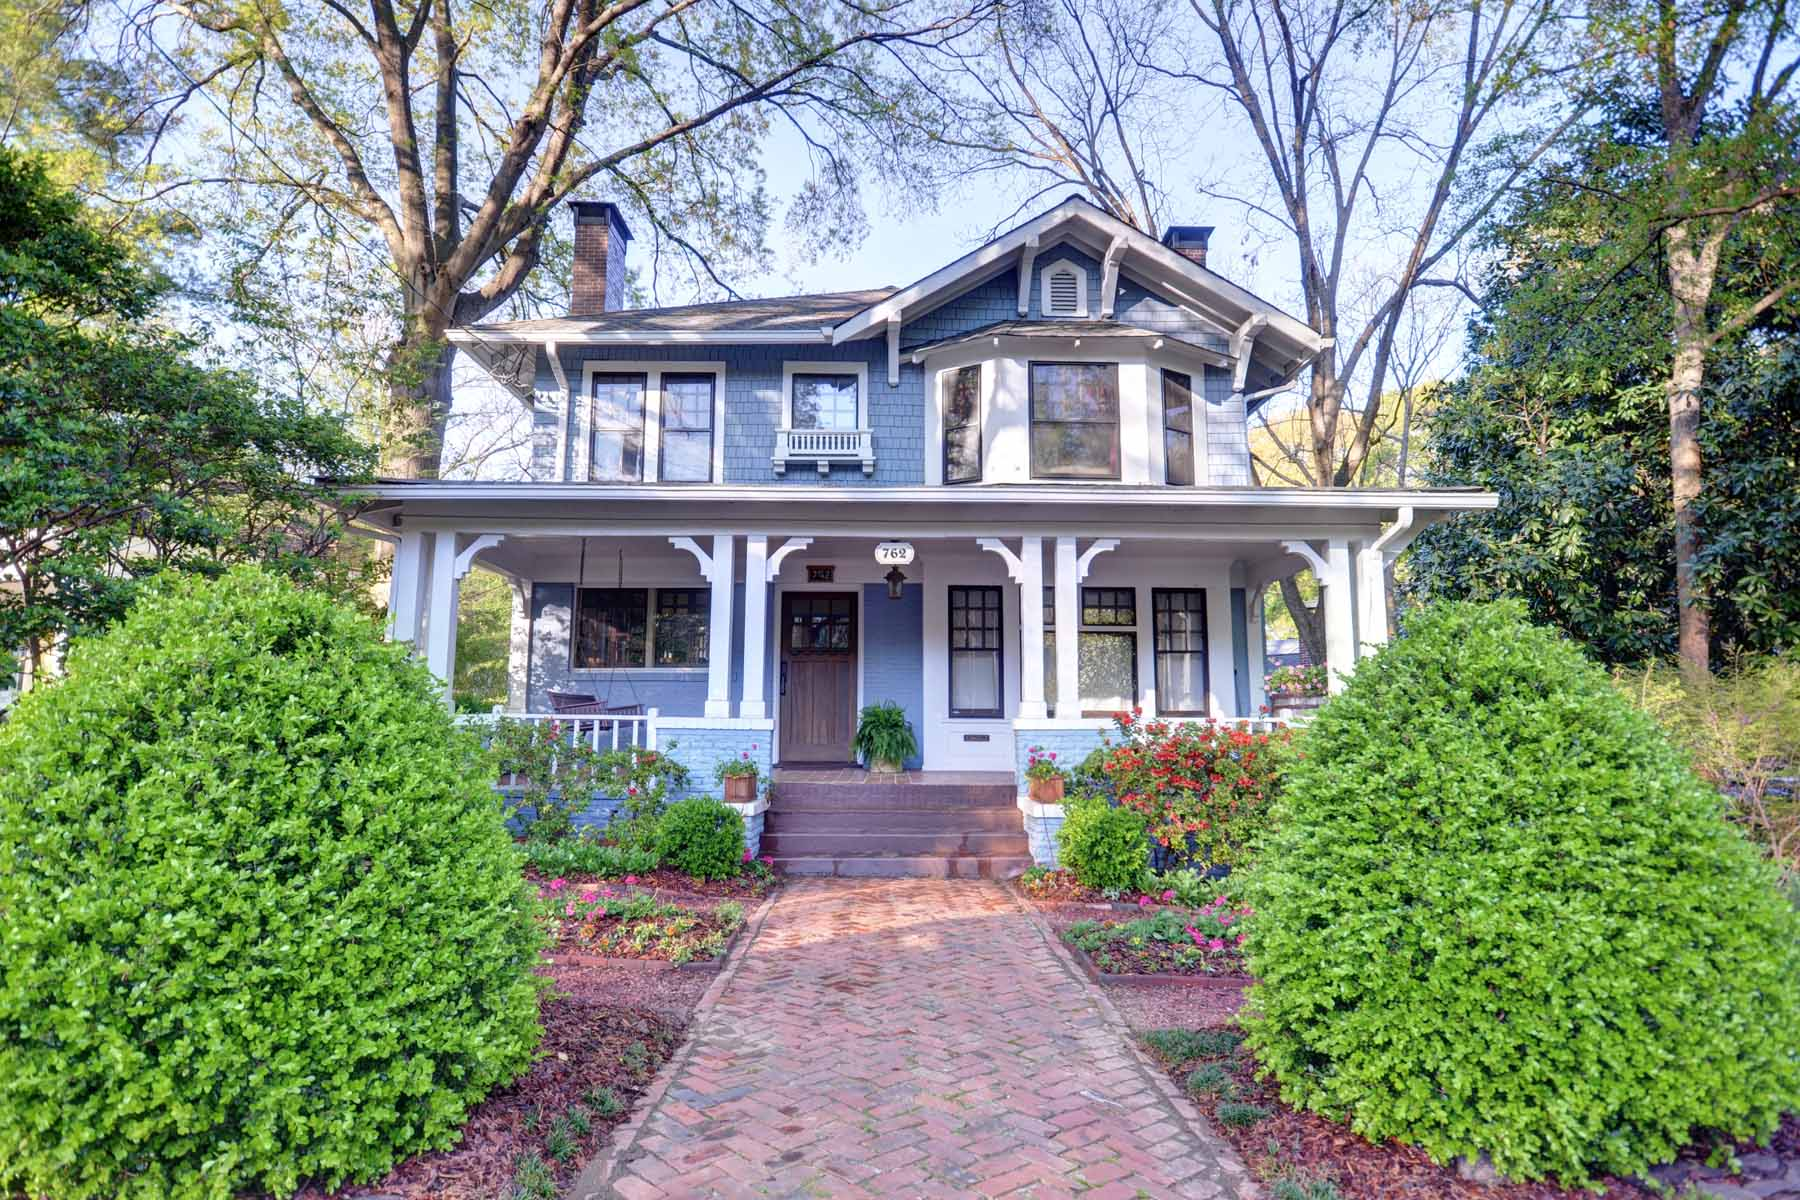 Частный односемейный дом для того Продажа на Beautifully Restored 1910 Classic Midtown Home 762 Vedado Way NE Midtown, Atlanta, Джорджия, 30308 Соединенные Штаты